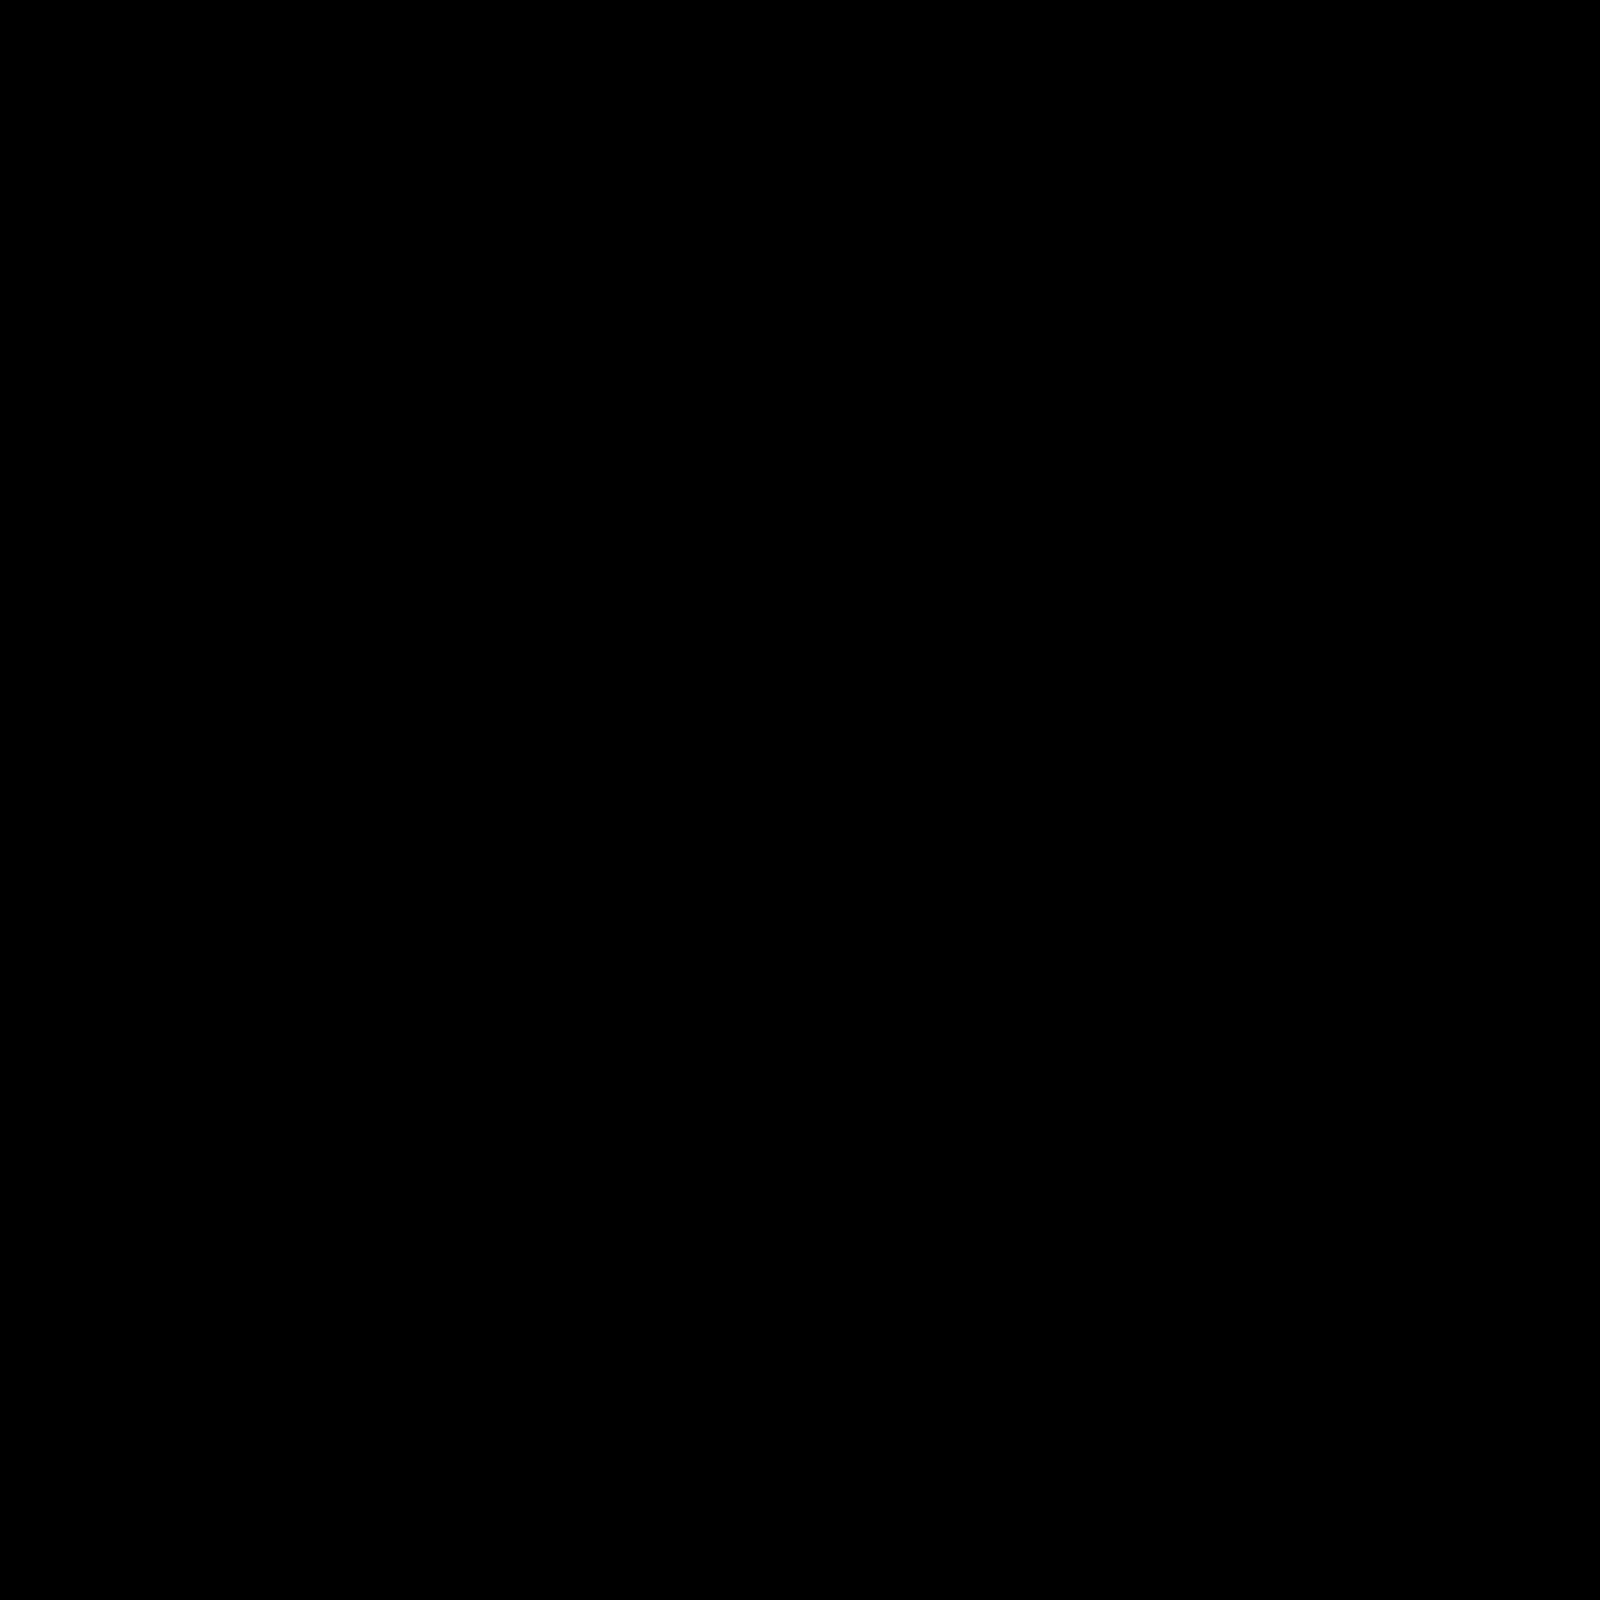 Przekreślone Data icon